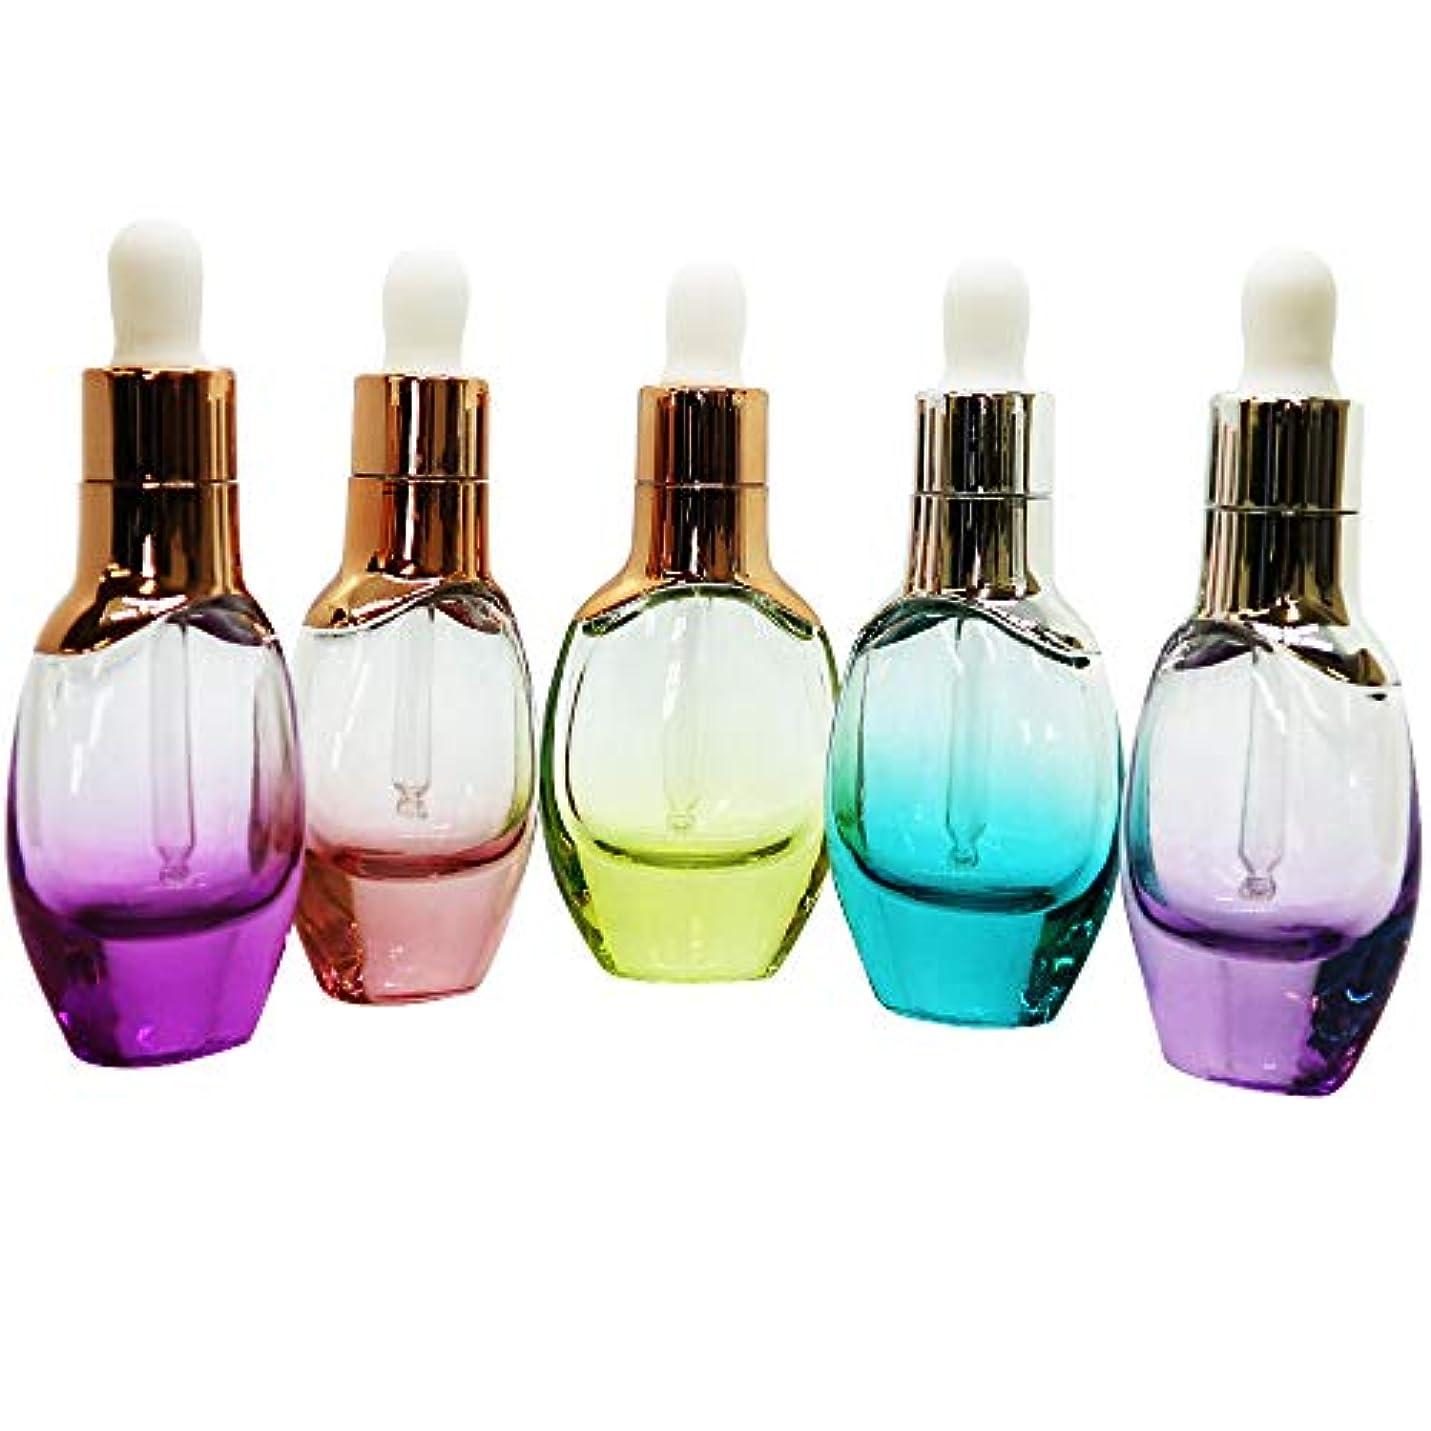 新着ノートアリーナCoco Makai スポイト付き エッセンシャル ボトル 5本セット アロマ 化粧水 オイル ガラス製 かわいい カラフル